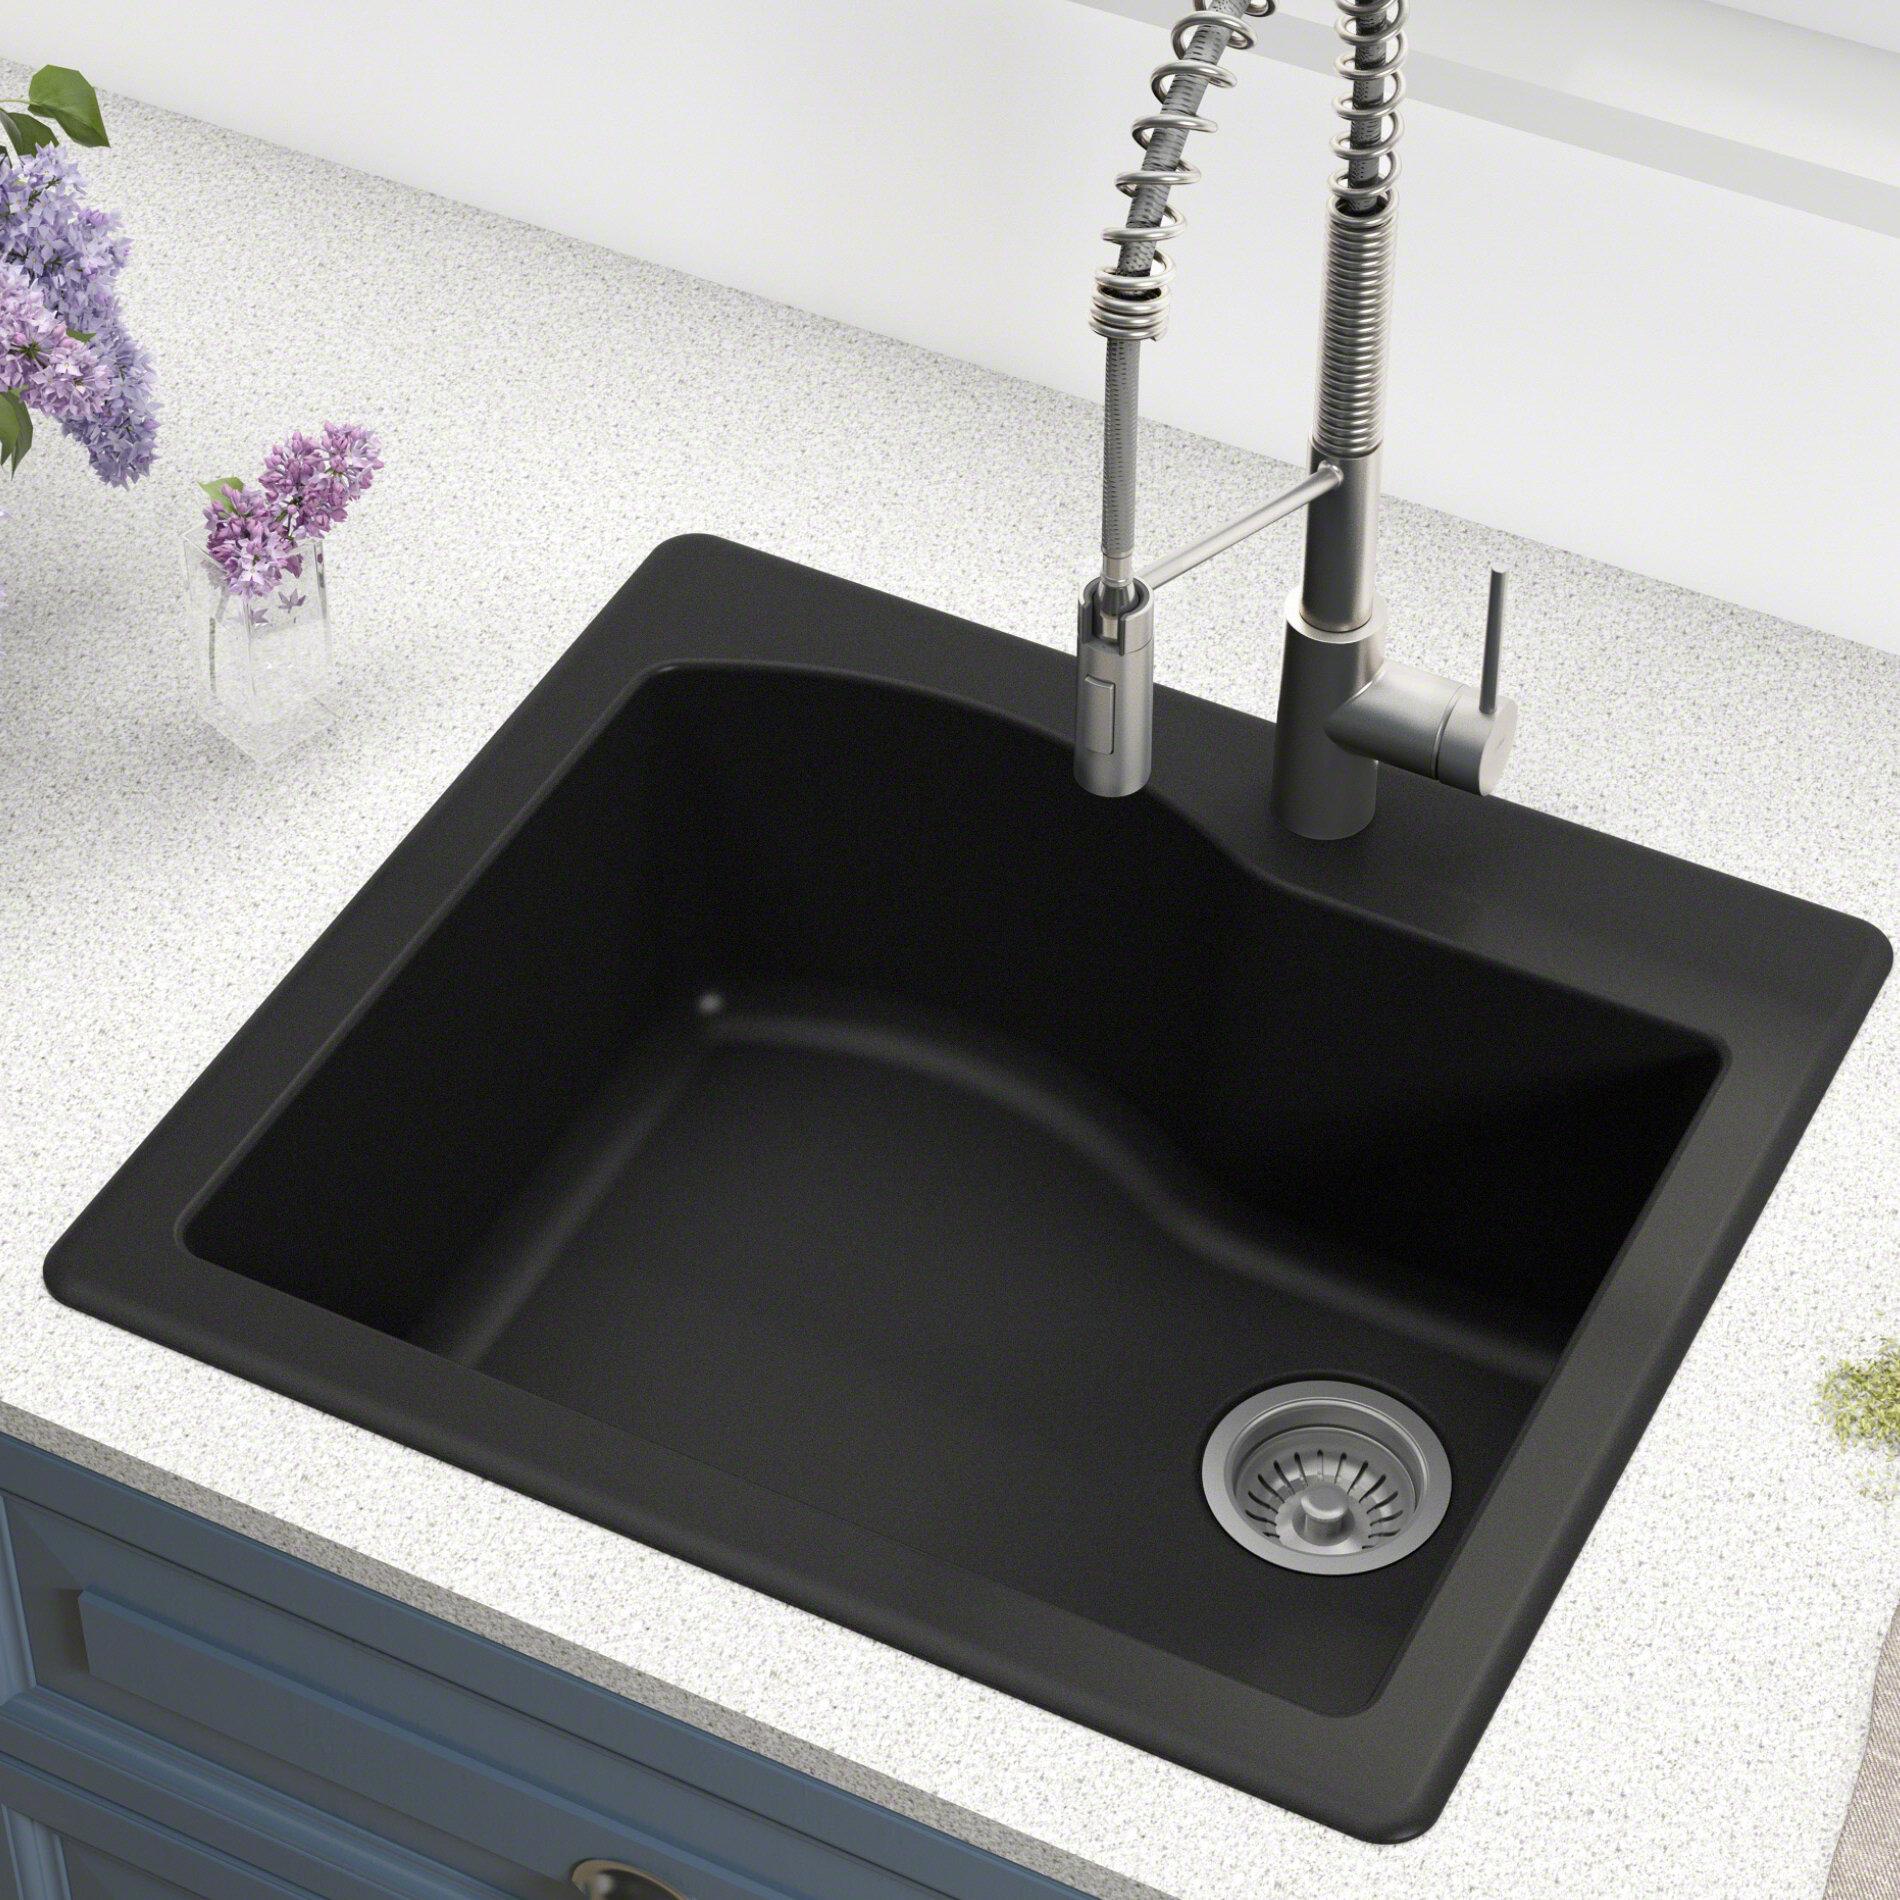 Kgd 441black quarza 25 x 22 dual mount kitchen sink